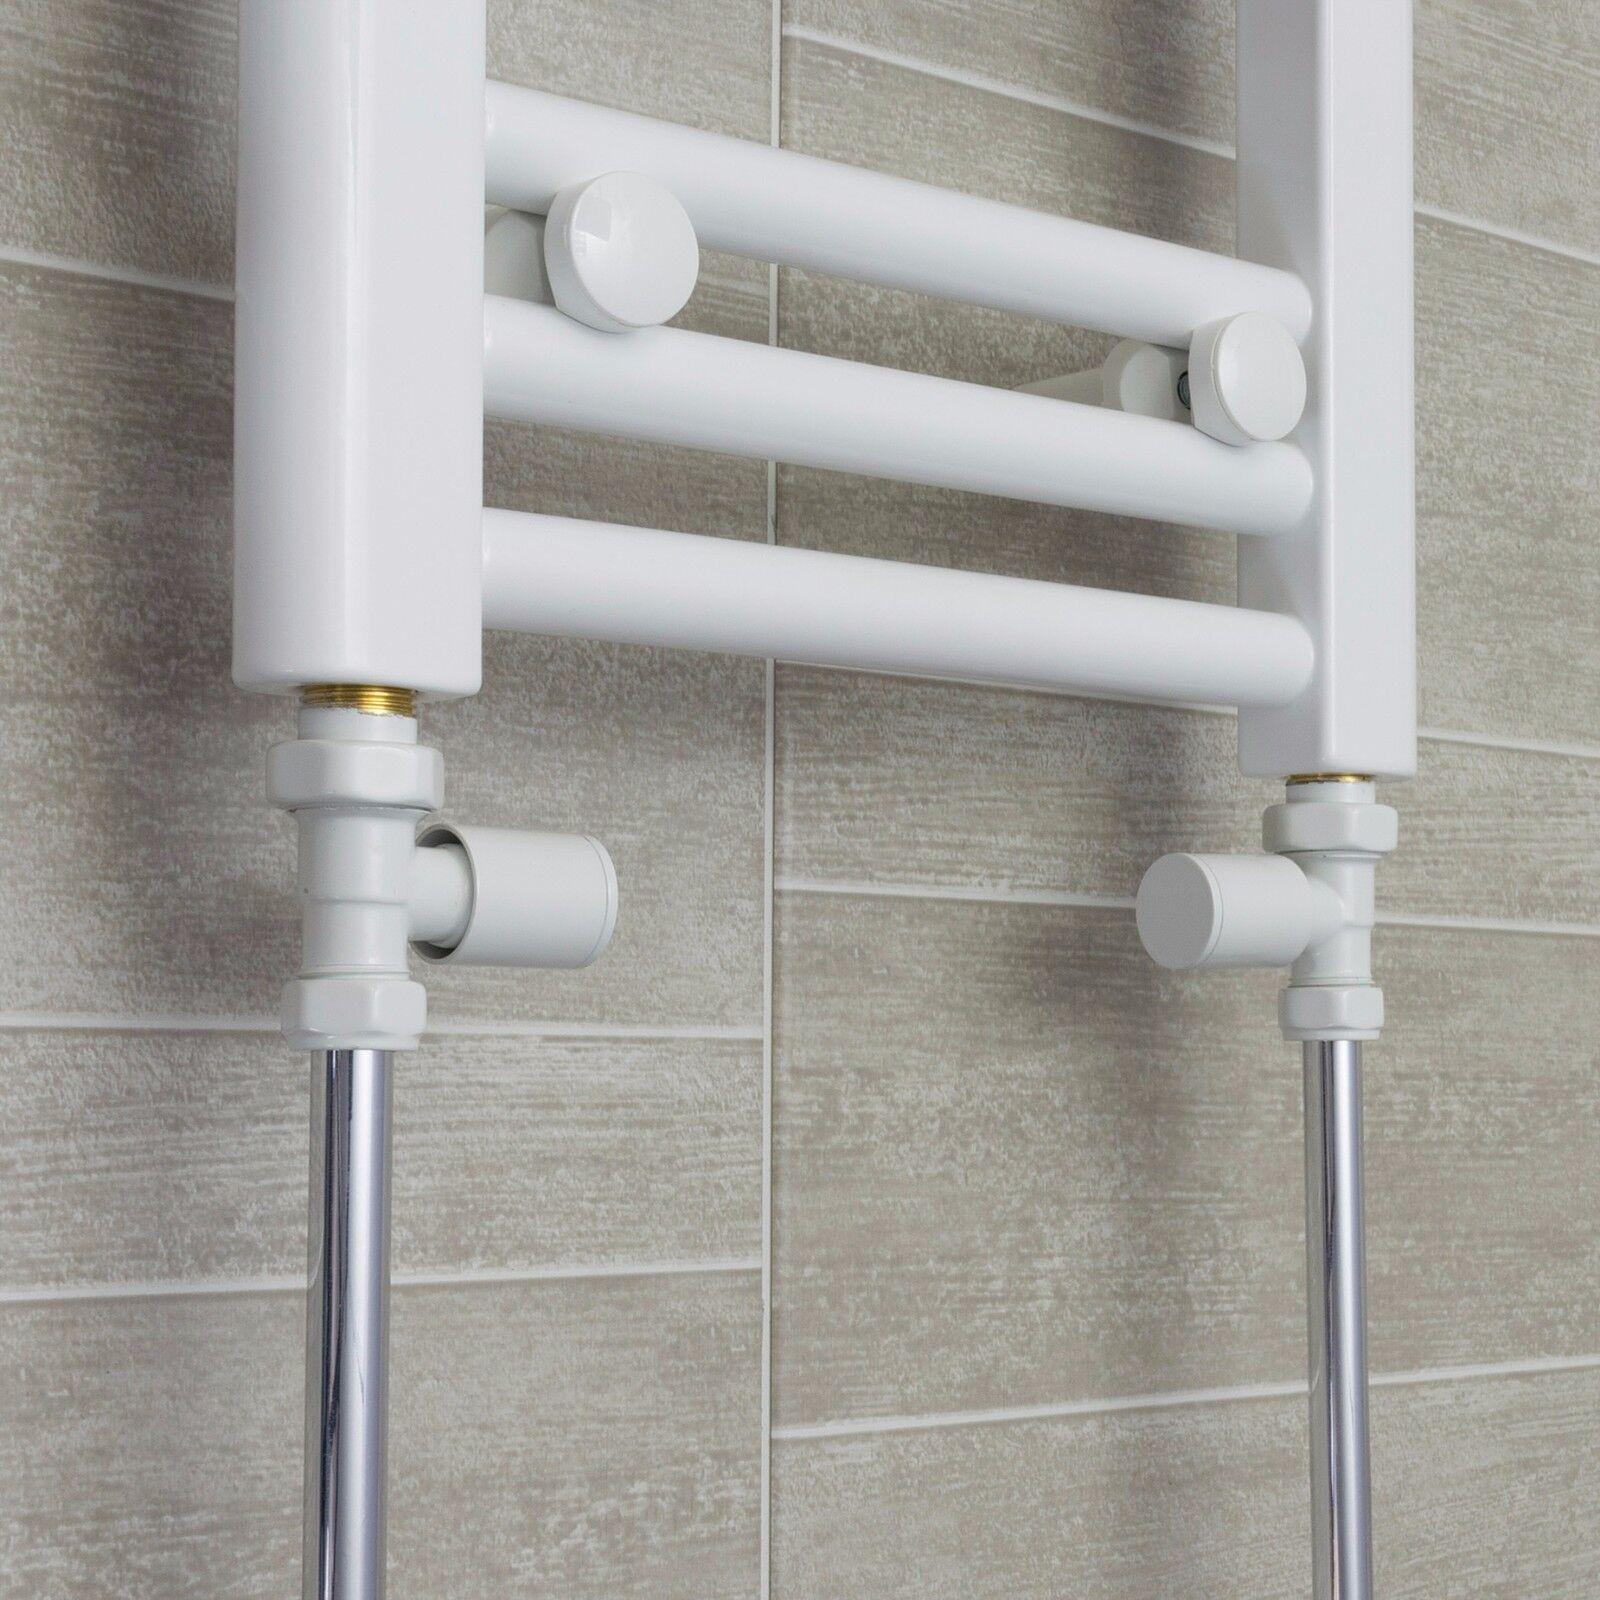 ANTRACITE Diritta Valvole per binario calorifero radiatore minimalista COPPIA Round